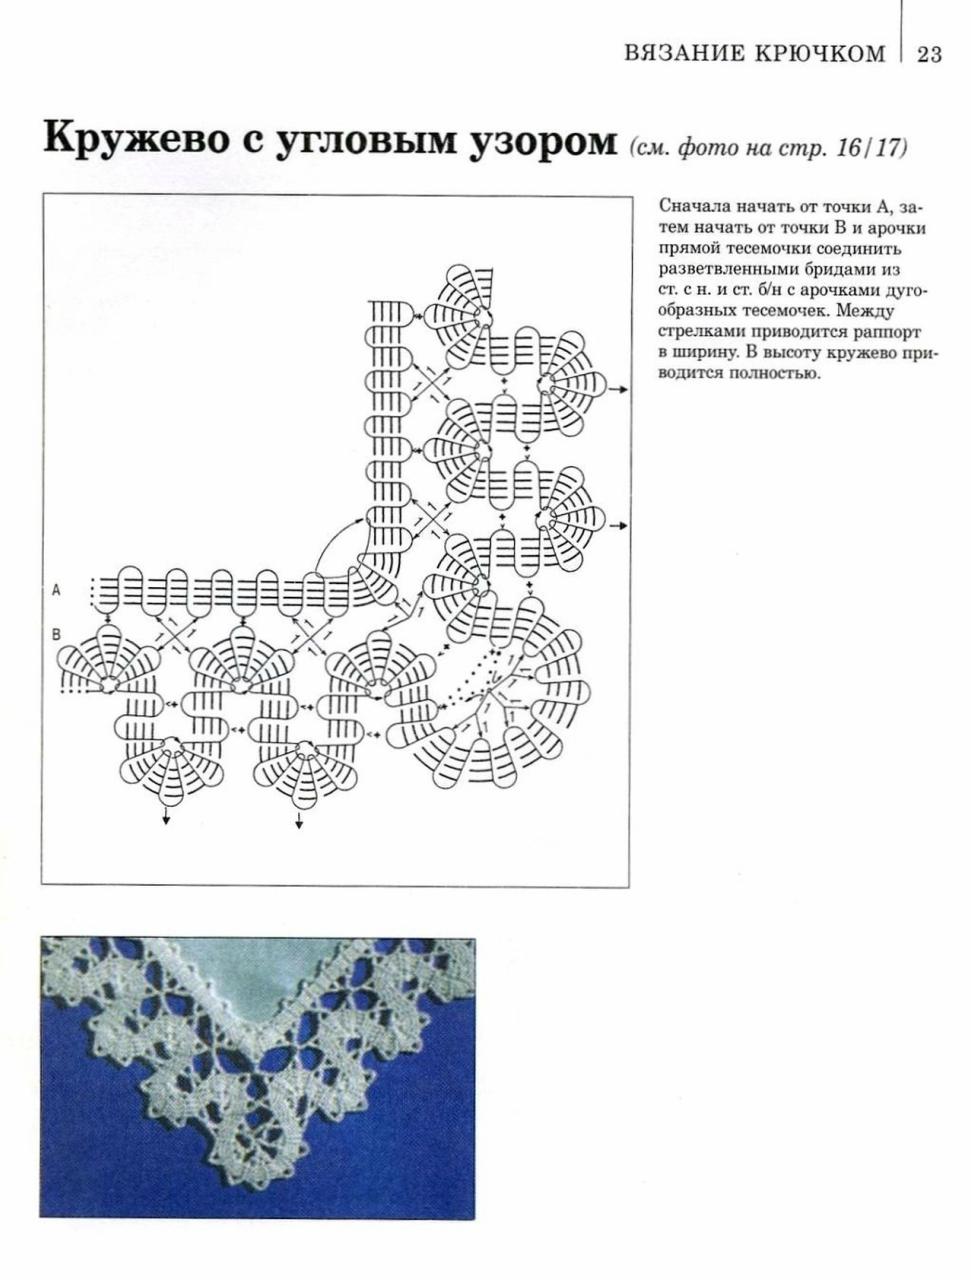 Вязание крючком пейсли схемы и описание фото